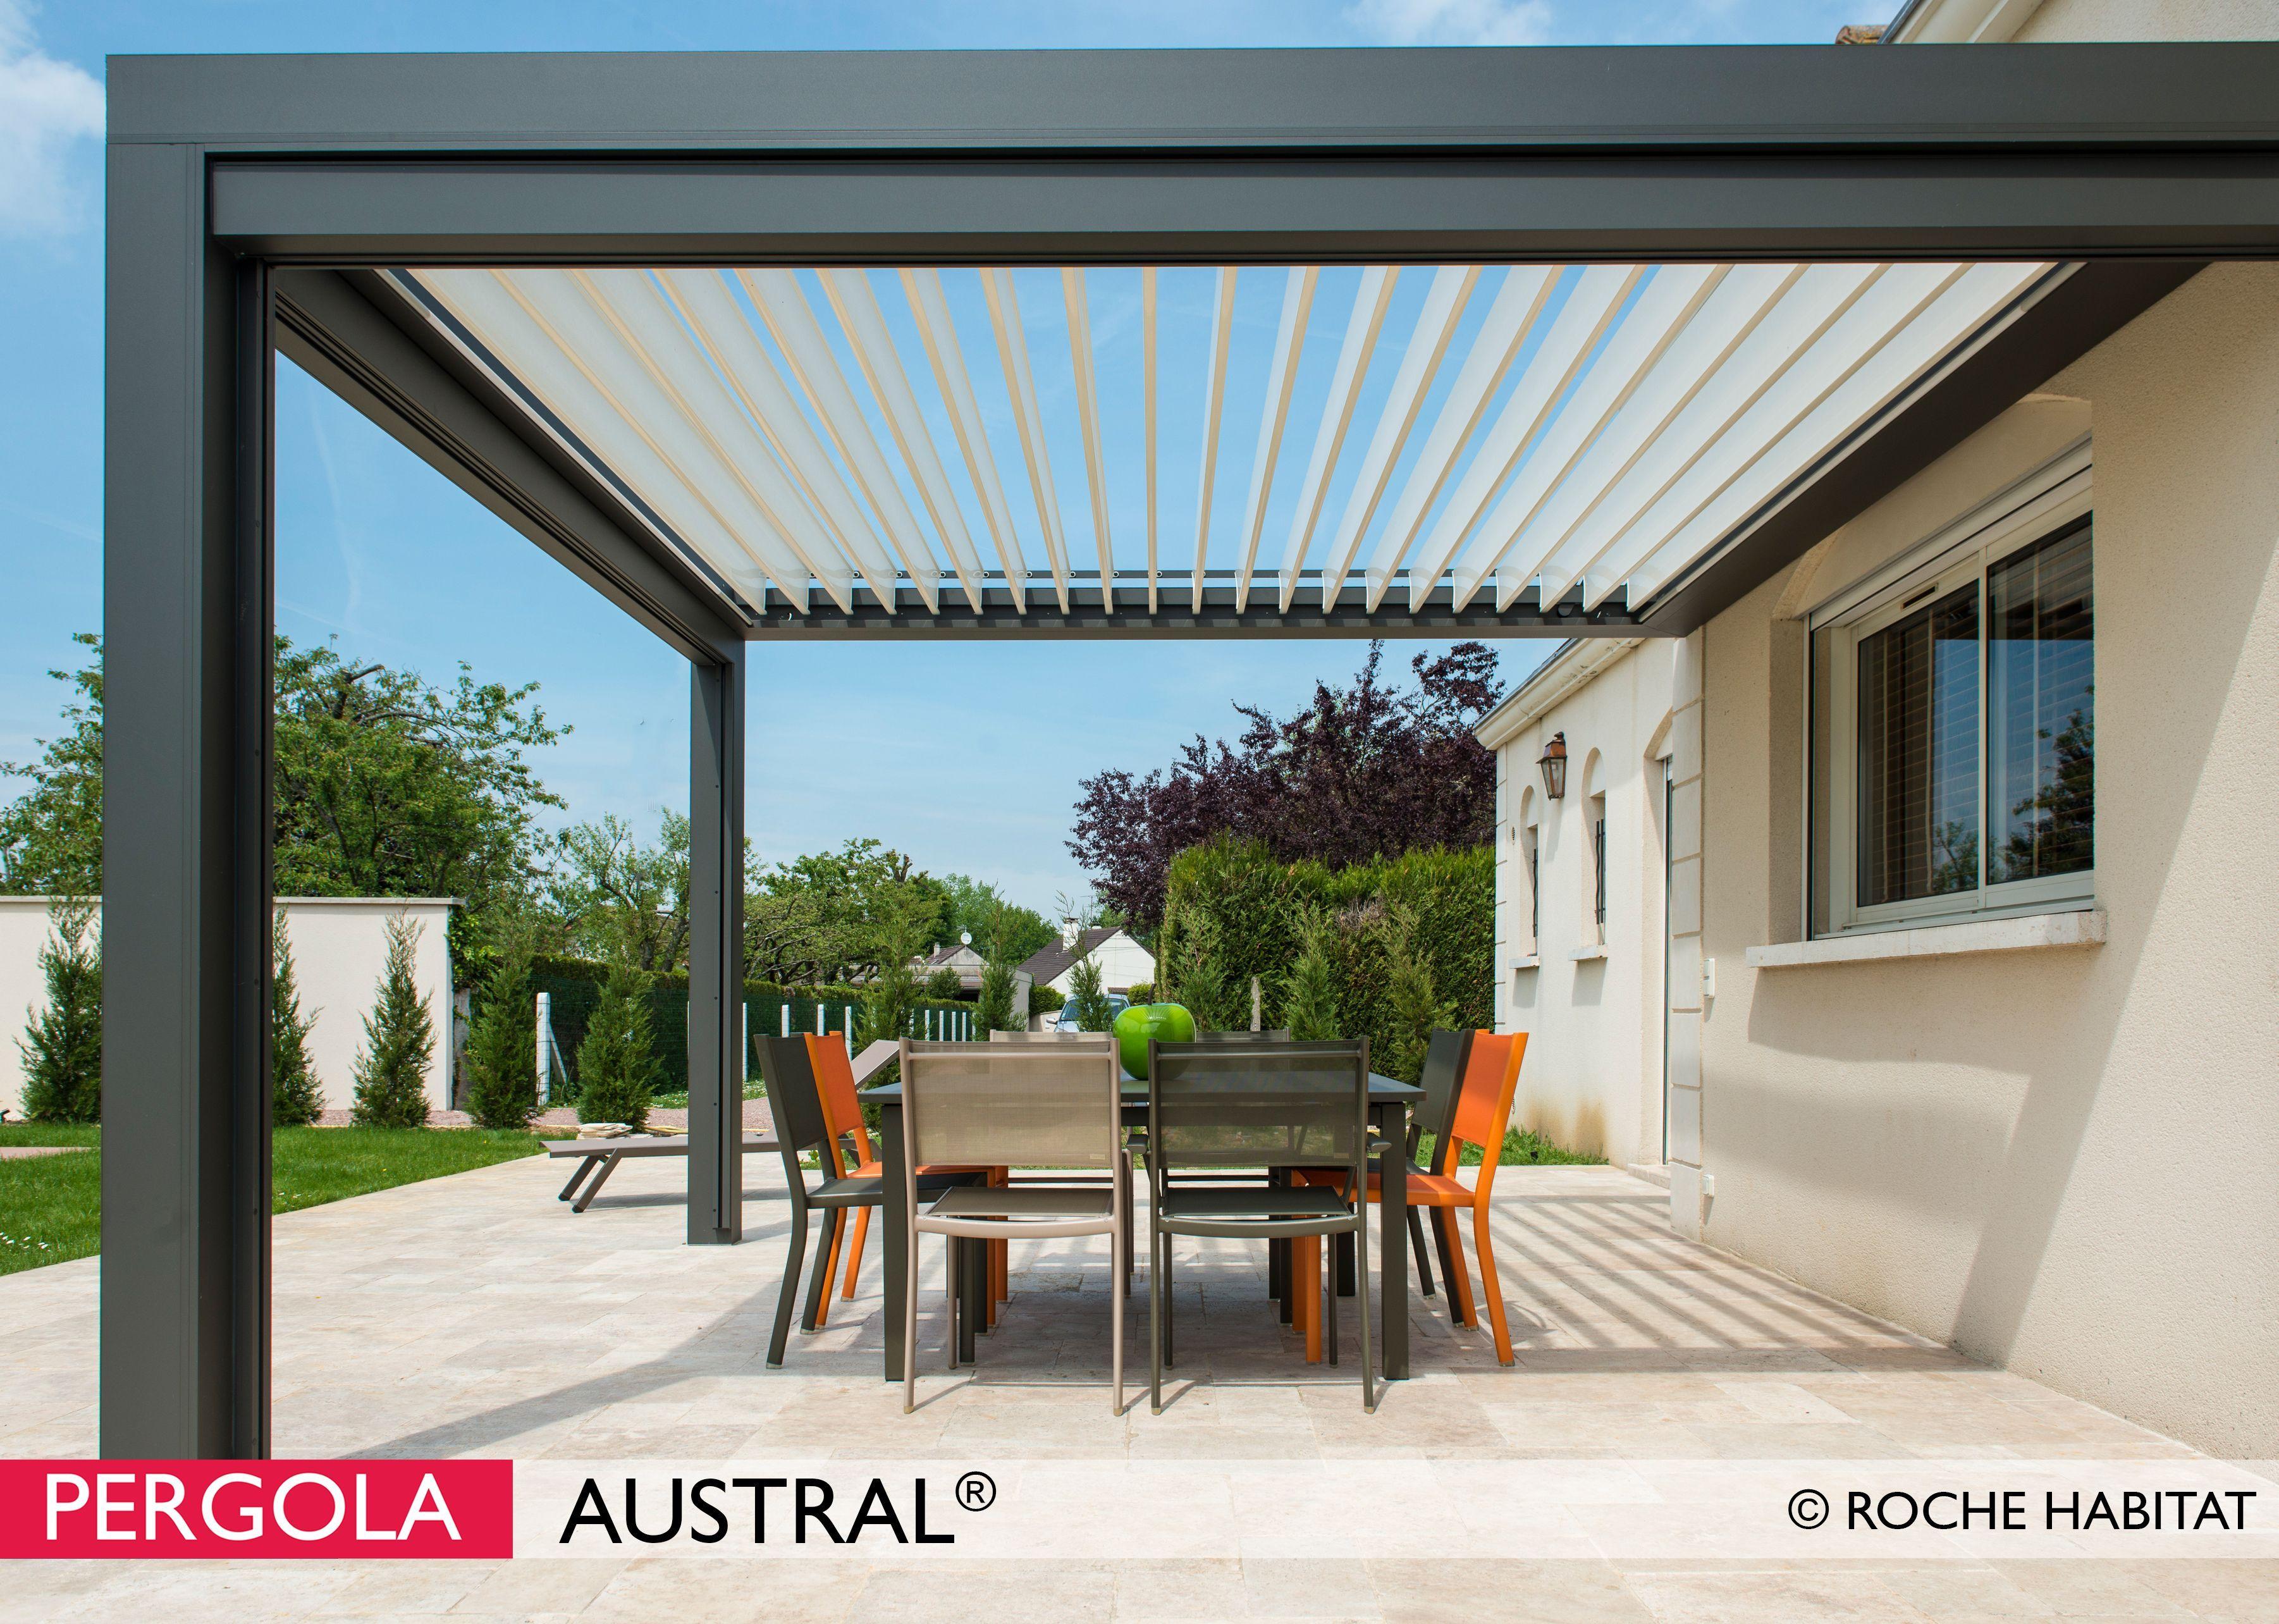 Risultati Immagini Per Pergola Moderna Alluminio 6 X 2 60 Cm Sevilla Pergola Balconi Piccoli Tende Pergola